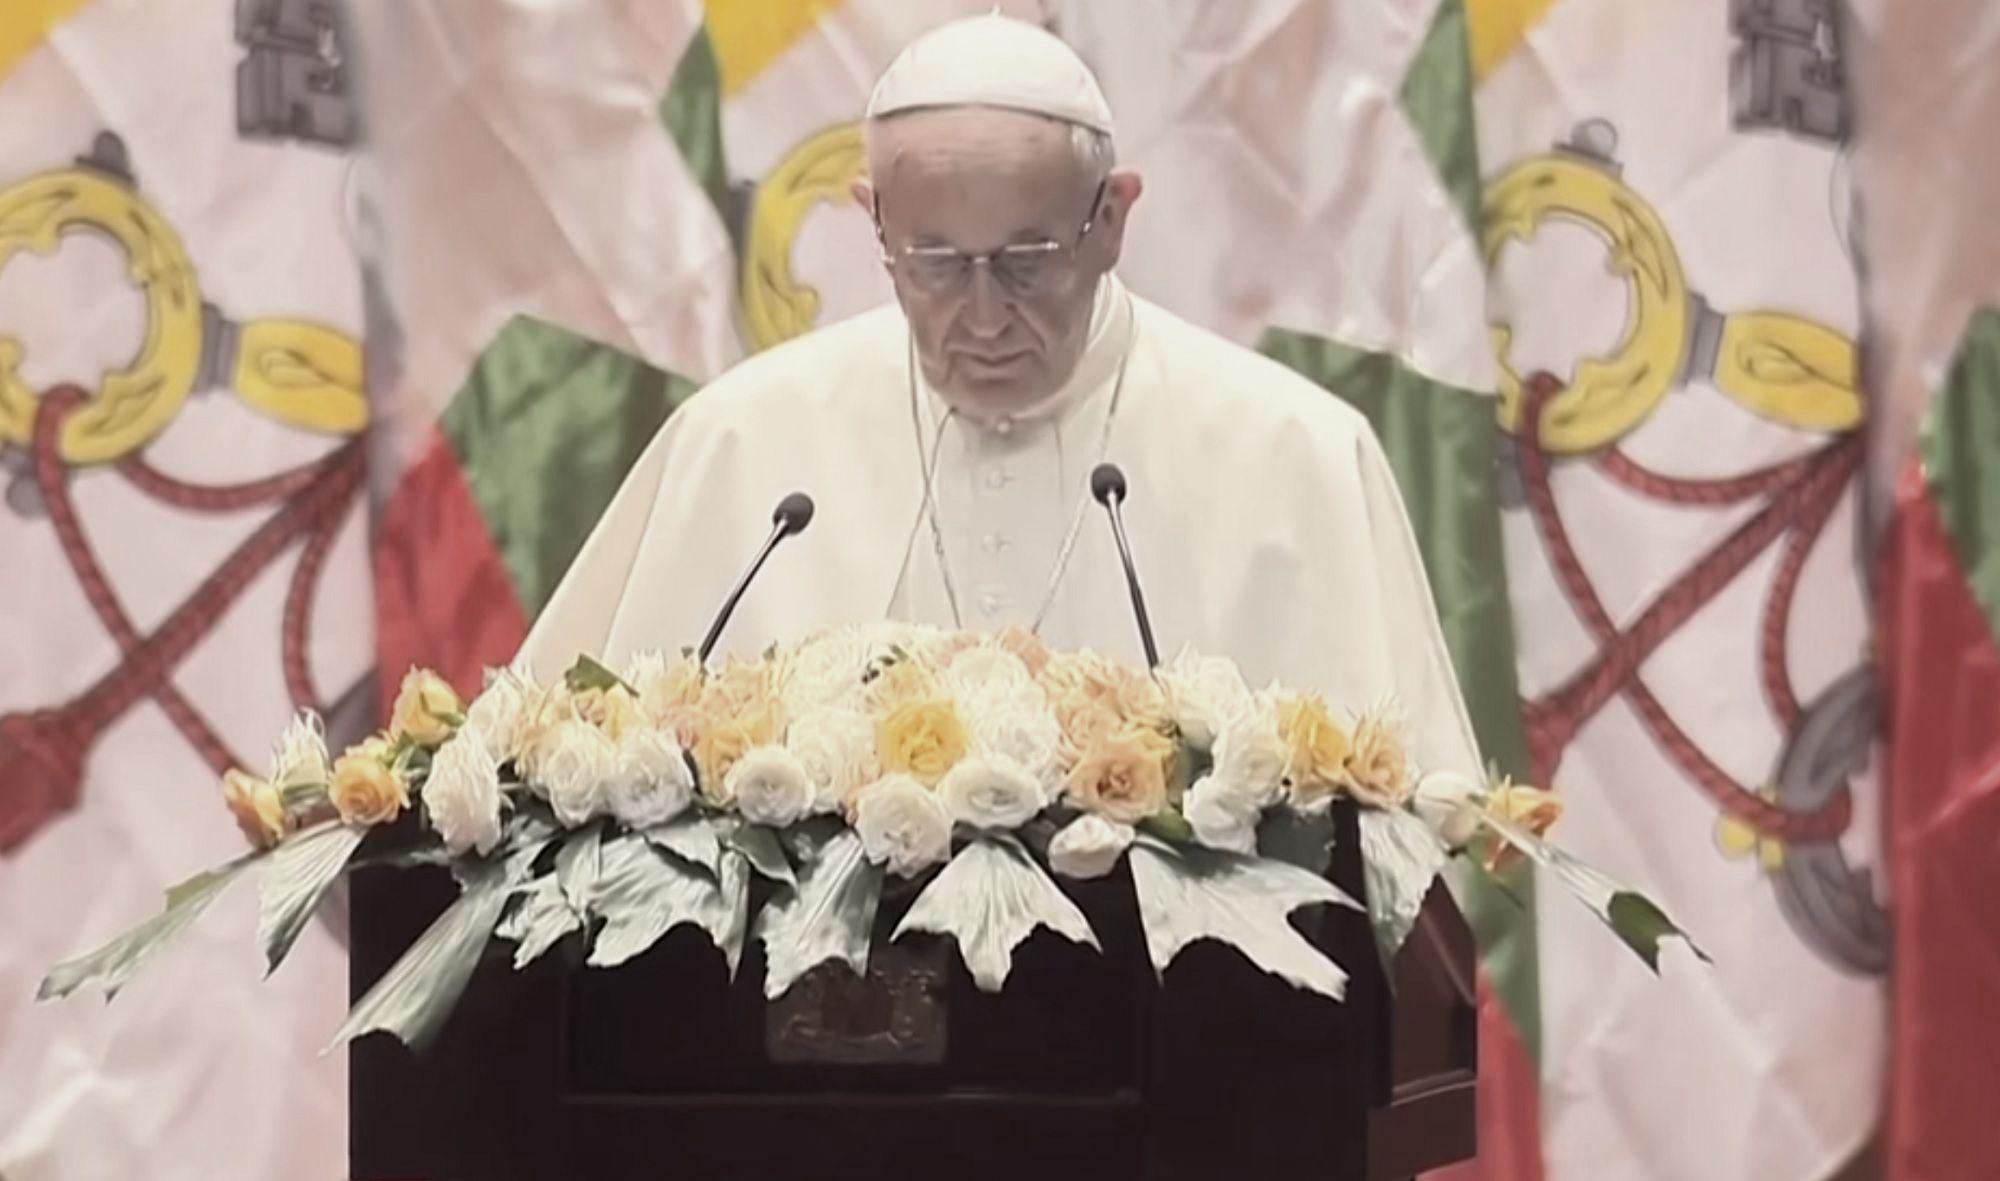 Tysiące wpadły w płacz po tych słowach Franciszka